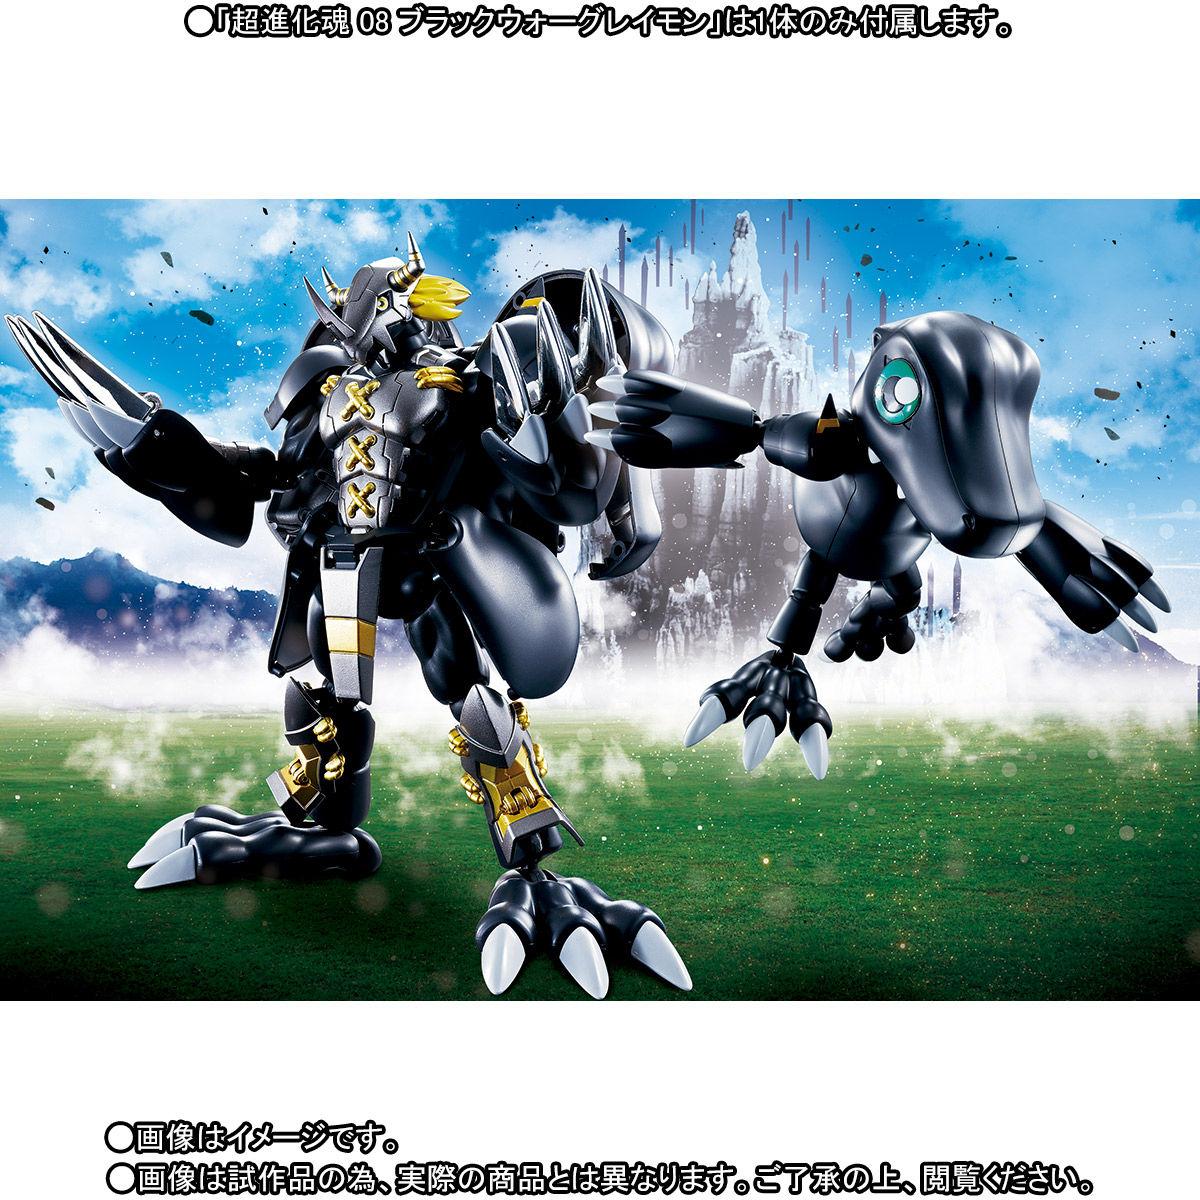 超進化魂 08『ブラックウォーグレイモン』デジモンアドベンチャー 可変可動フィギュア-010